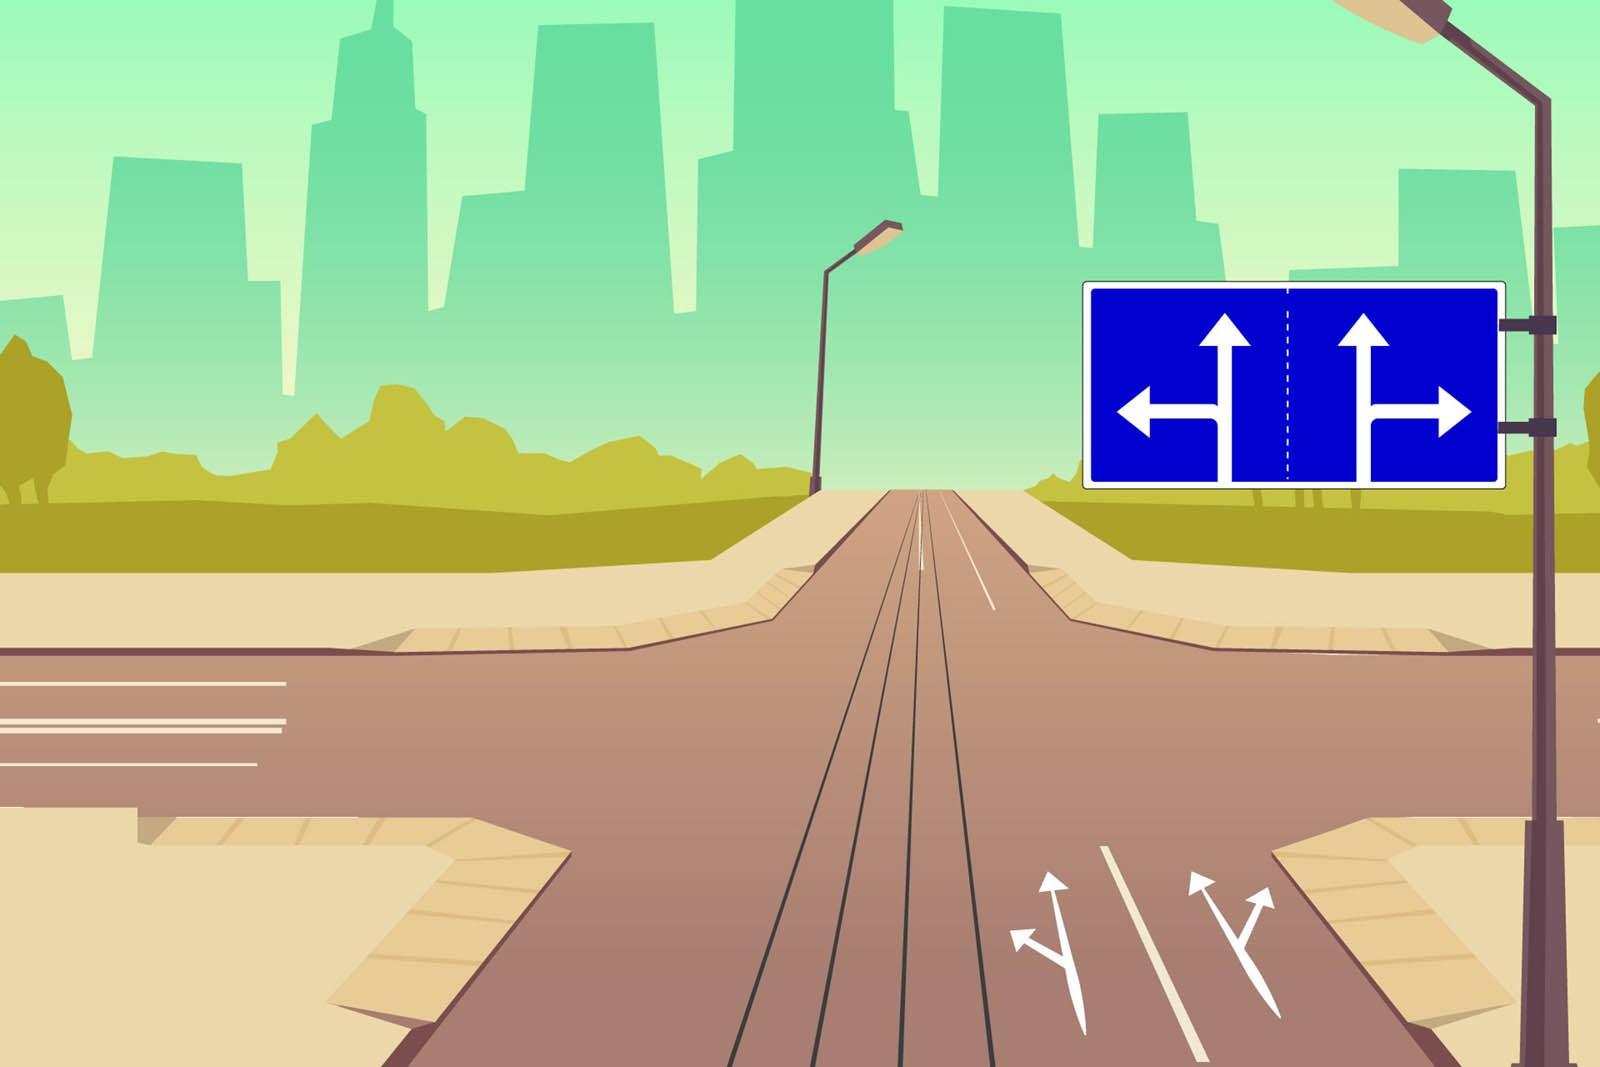 Правила проезда перекрестков с трамвайными путями 2021